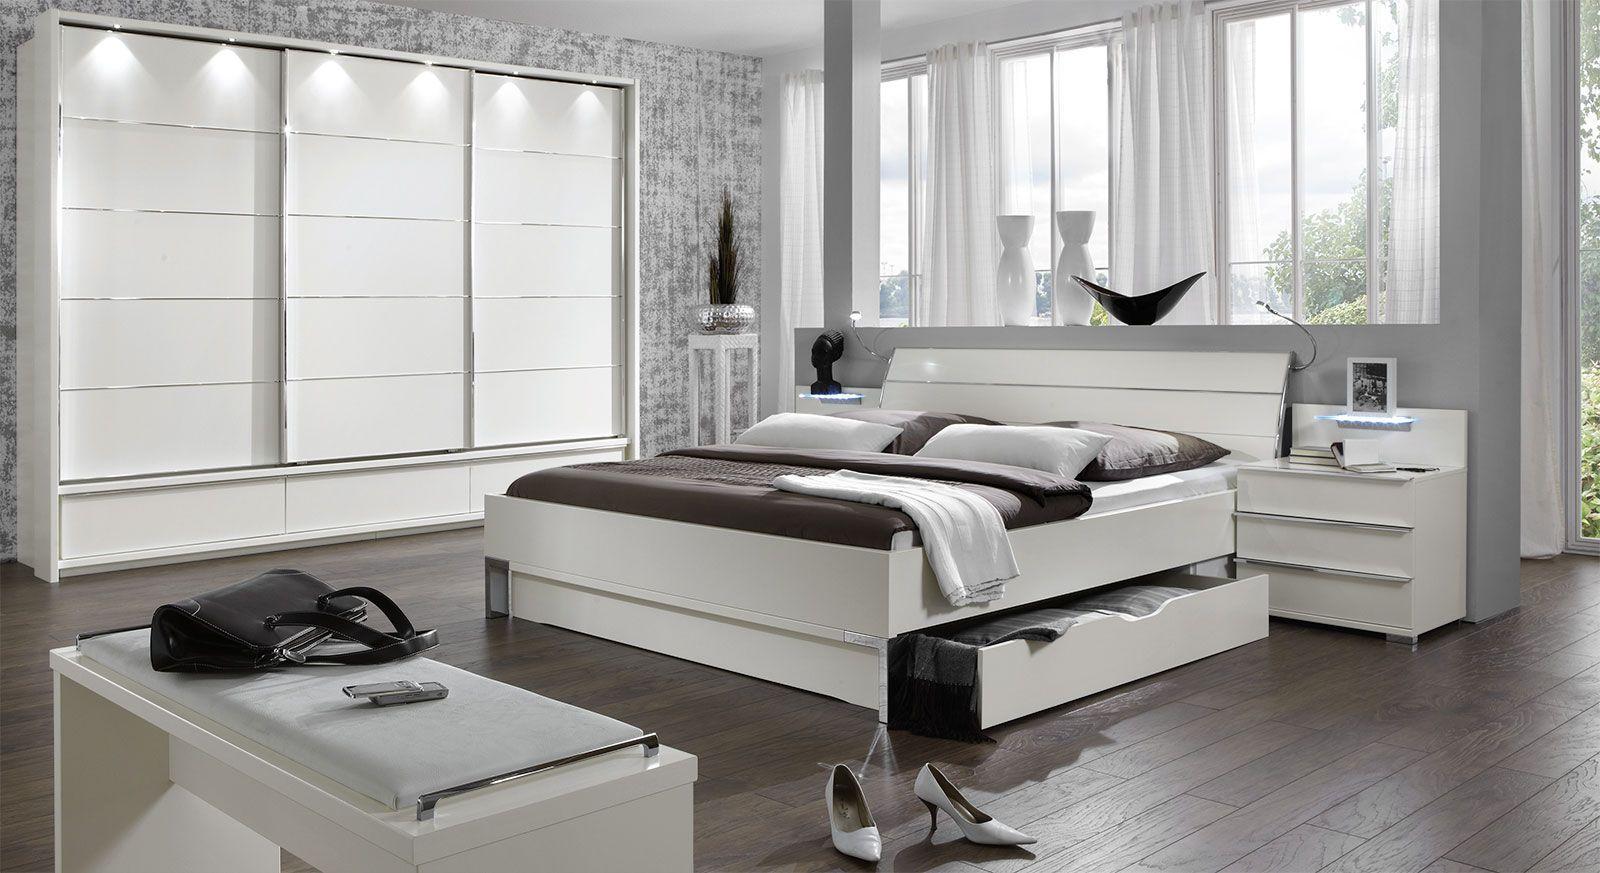 Modernes schlafzimmer design  Modernes Schlafzimmer mit enormen Stauraummöglichkeiten ...